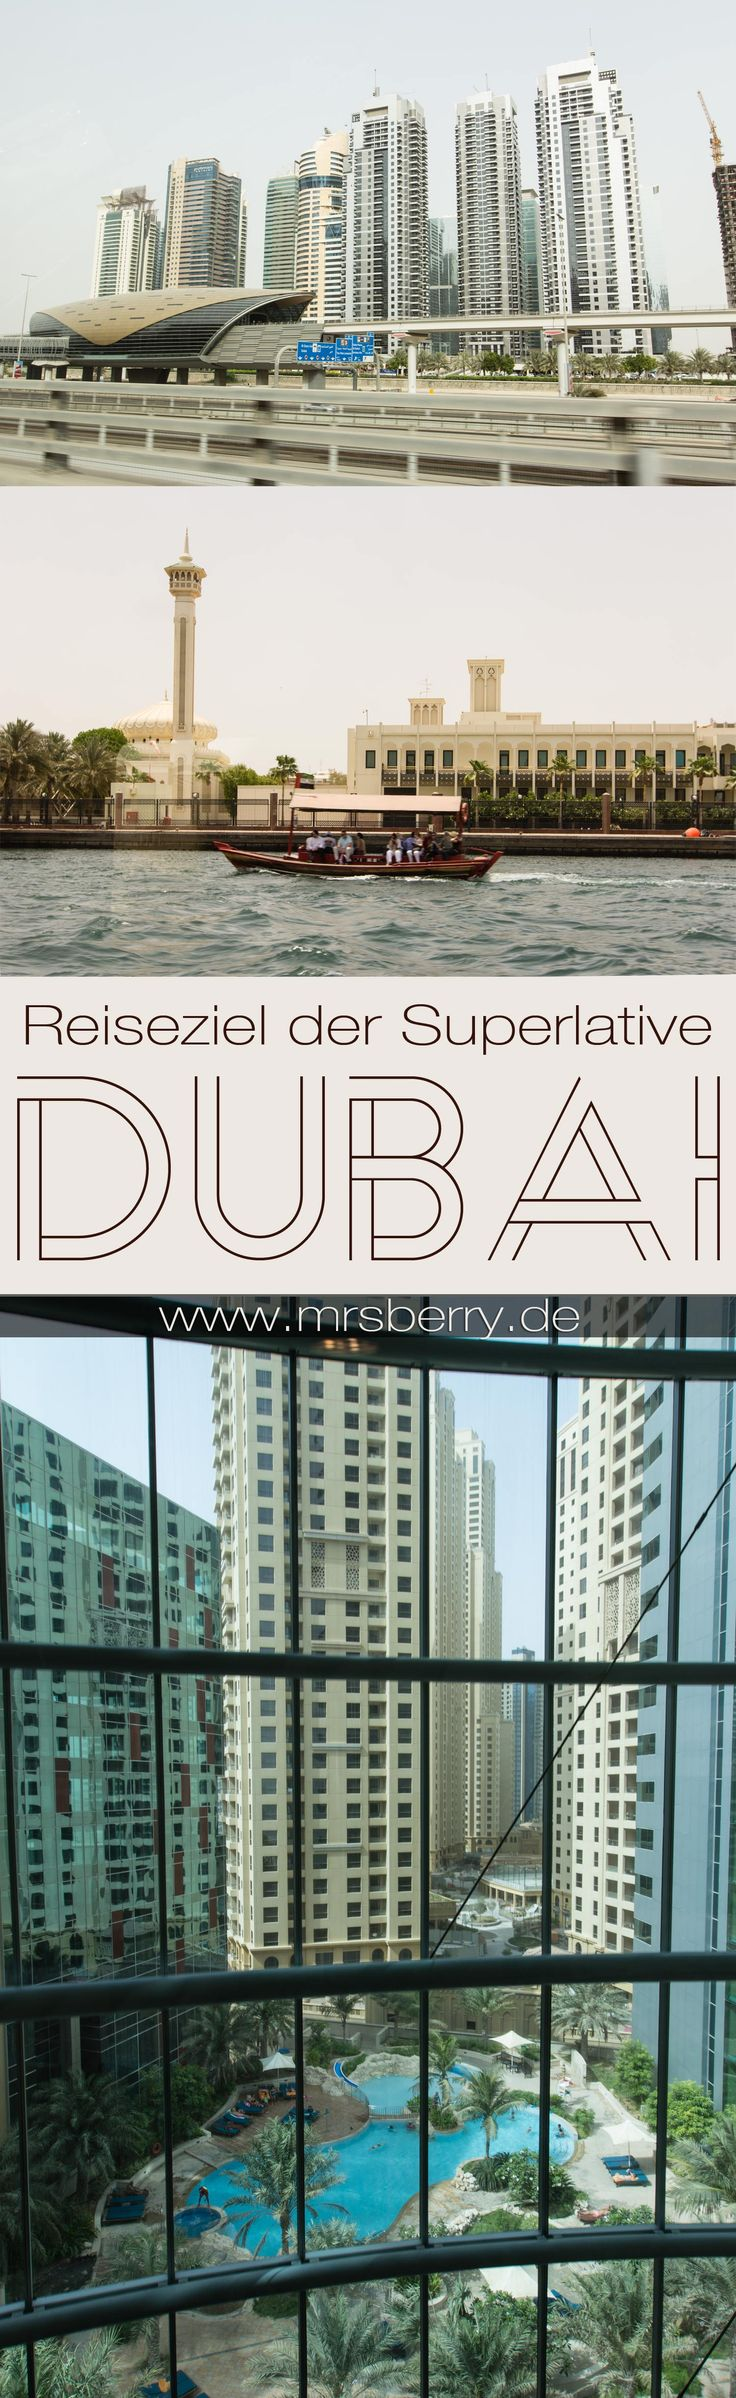 Dubai - Reiseziel der Superlative. Im Blog bekommt ihr Tipps für eure nächste DUBAI REISE - mit oder ohne Kinder.